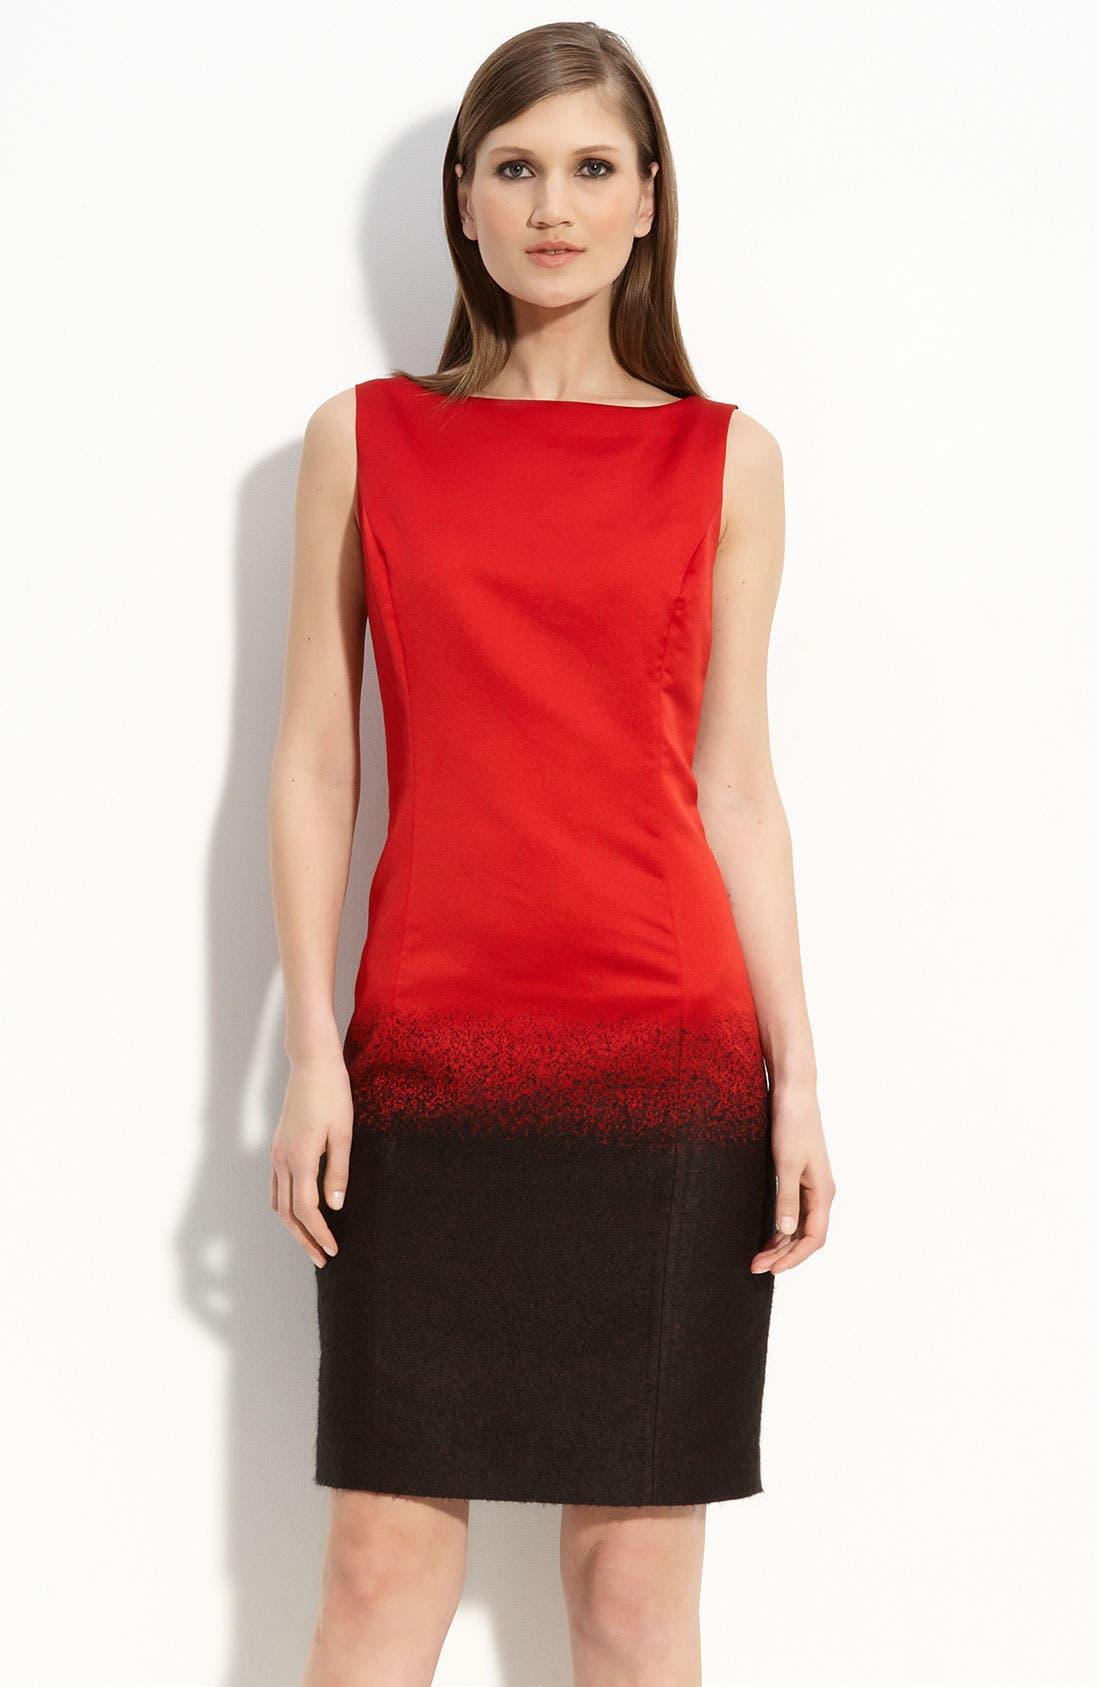 Alternate Image 1 Selected - St. John Collection Mohair Dégradé Dress